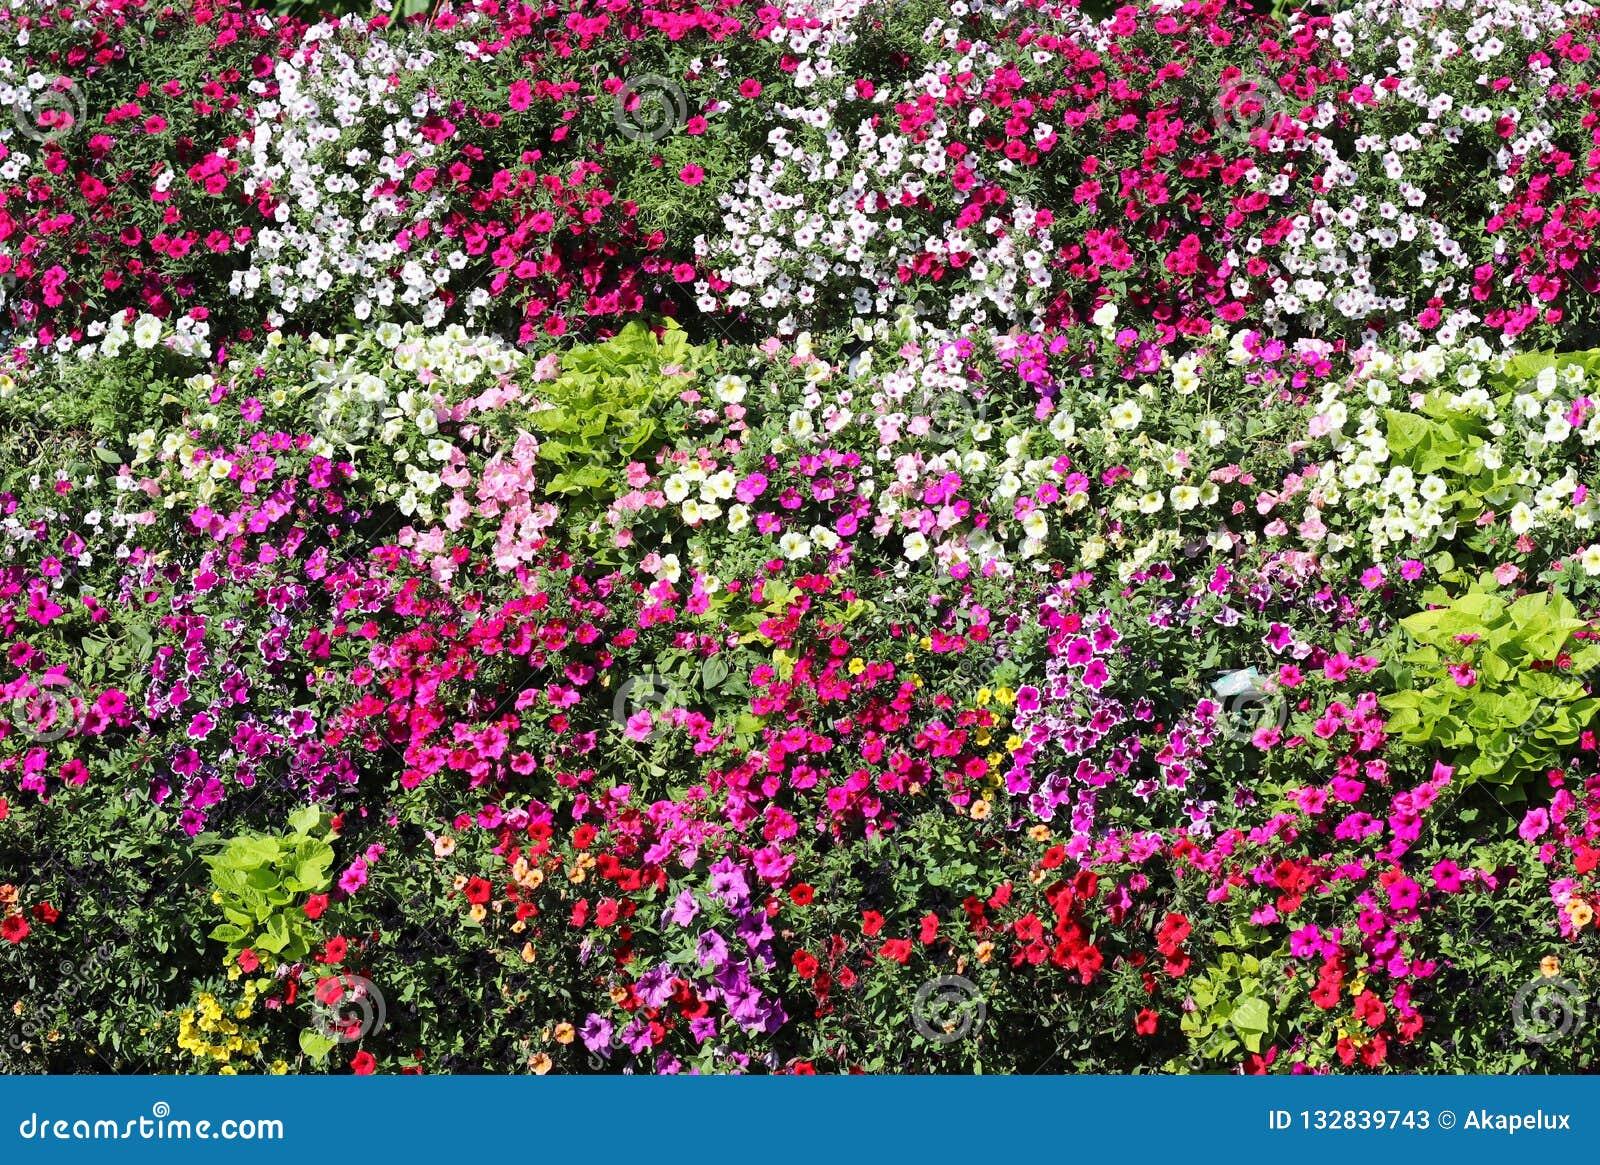 Καλάθια της ένωσης των λουλουδιών πετουνιών στο μπαλκόνι Λουλούδι πετουνιών στις διακοσμητικές εγκαταστάσεις Ιώδη λουλούδια μπαλκ